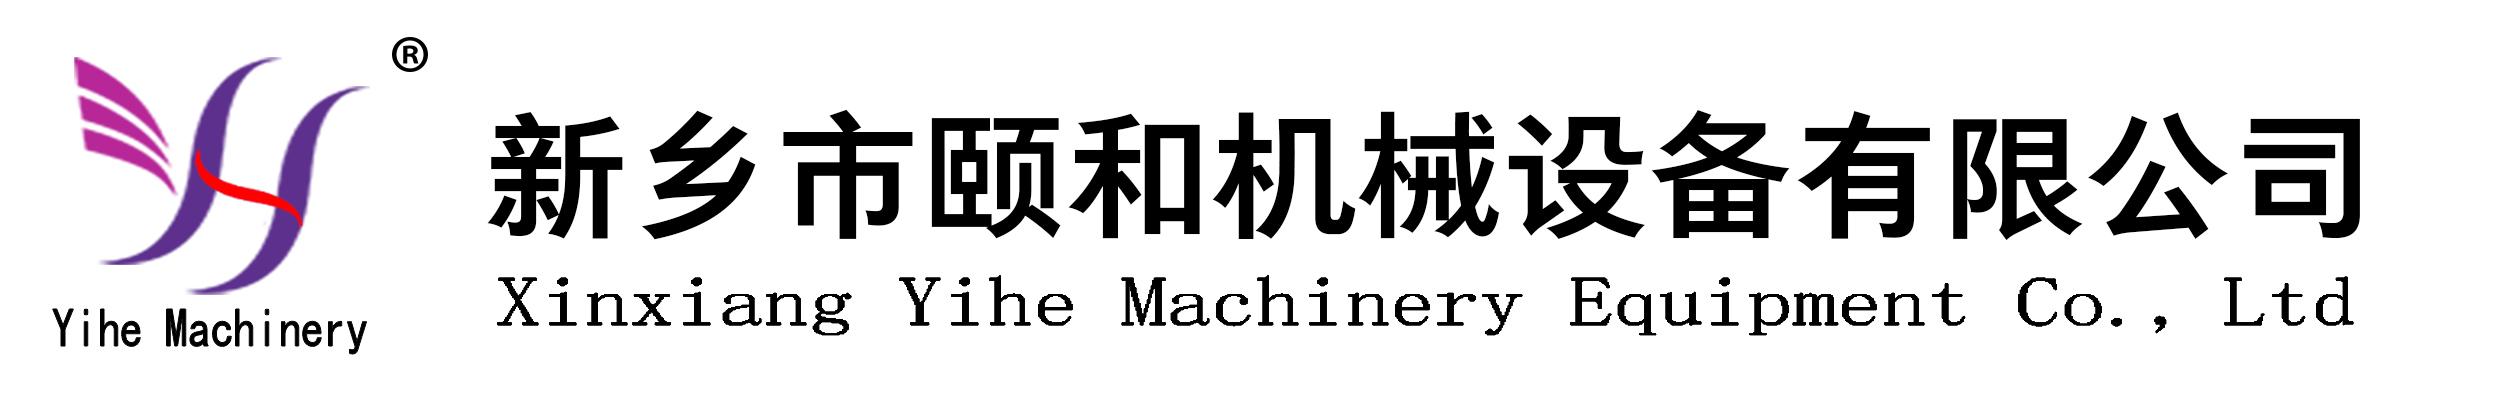 新鄉市頤和機械設備有限公司